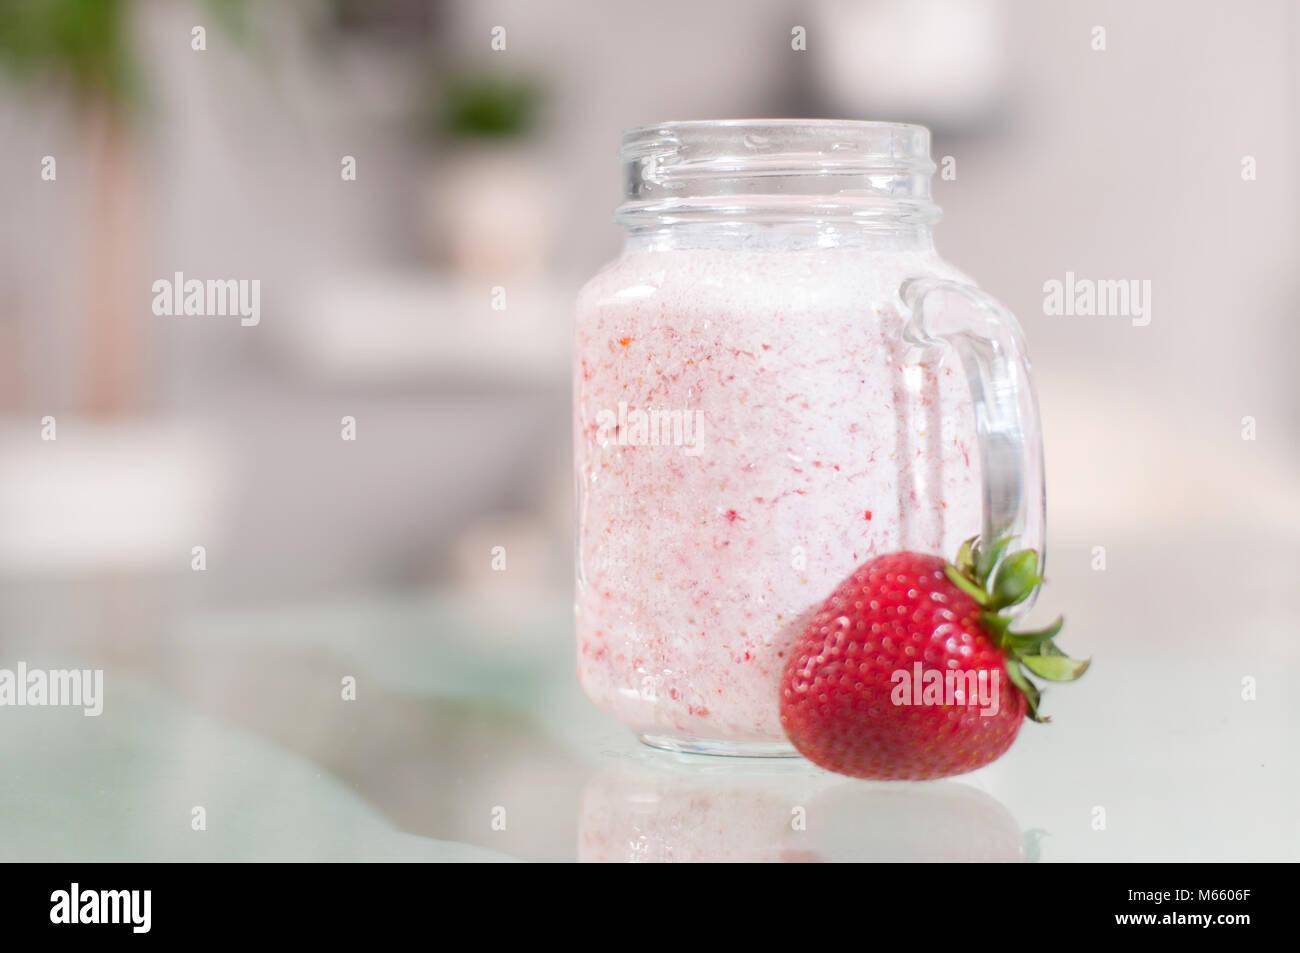 Smoothie lait fraise dans un bocal en verre, de bien-être et poids loos concept. Photo Stock